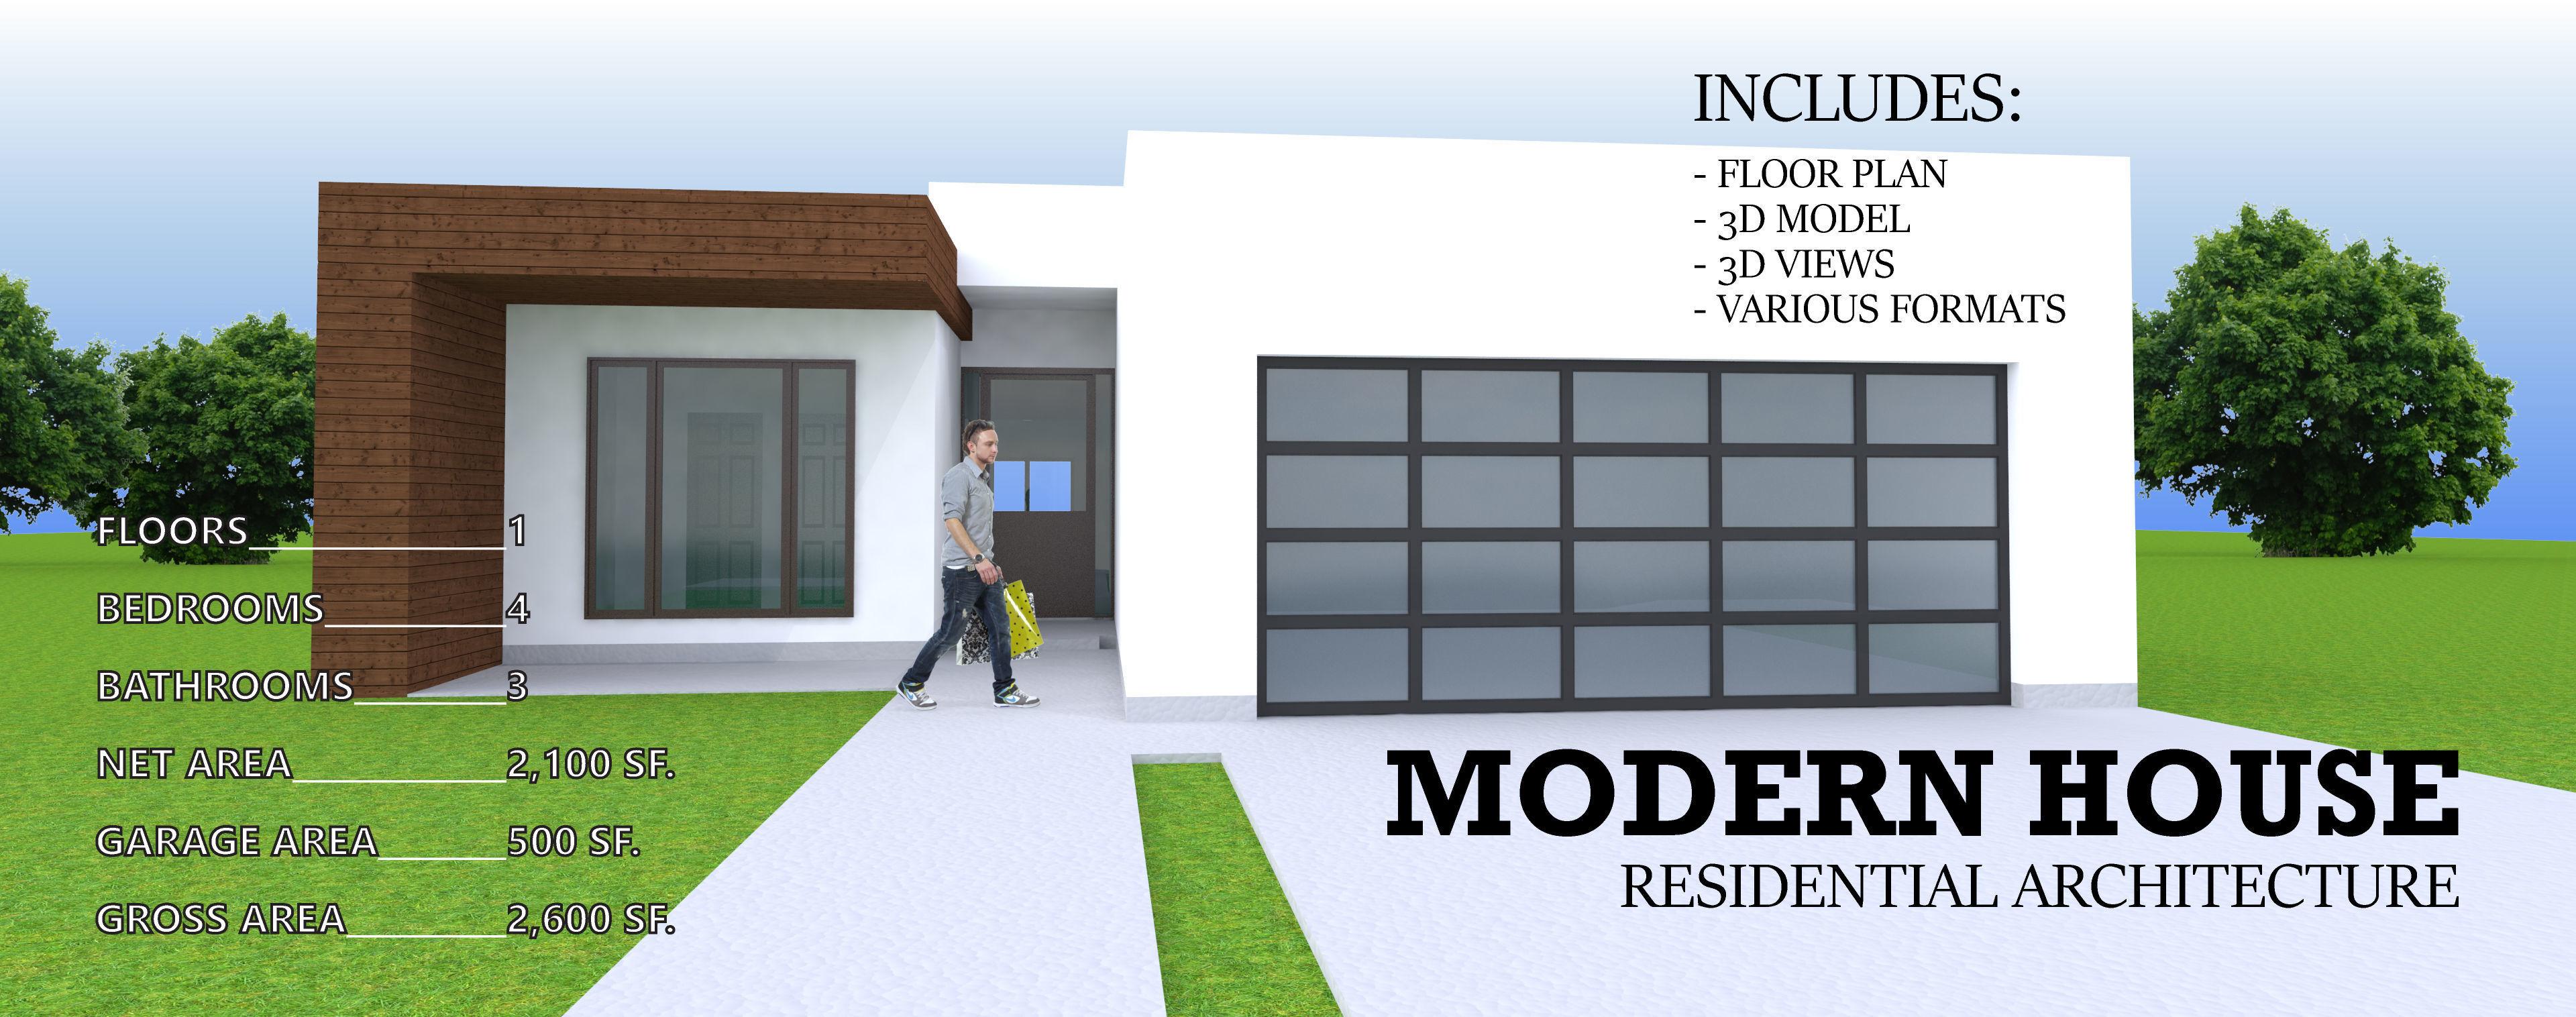 modern residential house 1 story 4 bedroom 3 car garage 3d model obj 3ds 3dm - House 1 Story